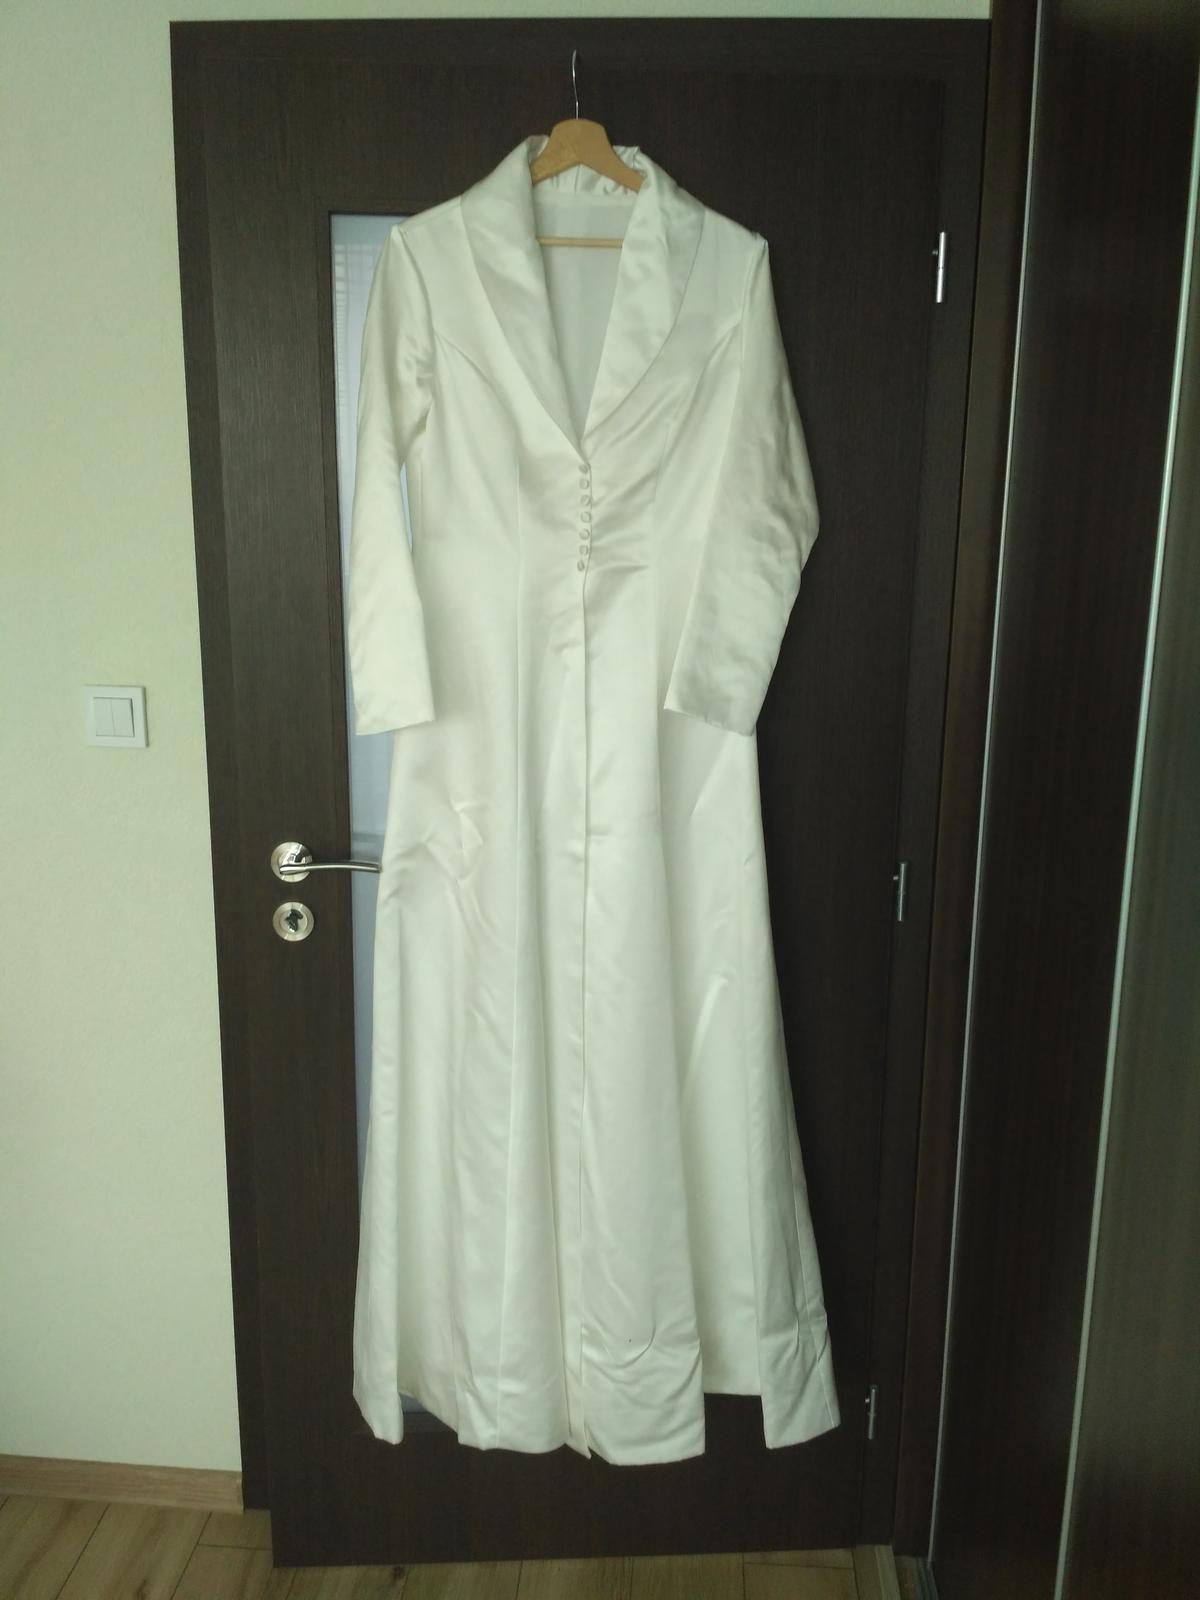 kabát pre nevestu - Obrázok č. 1